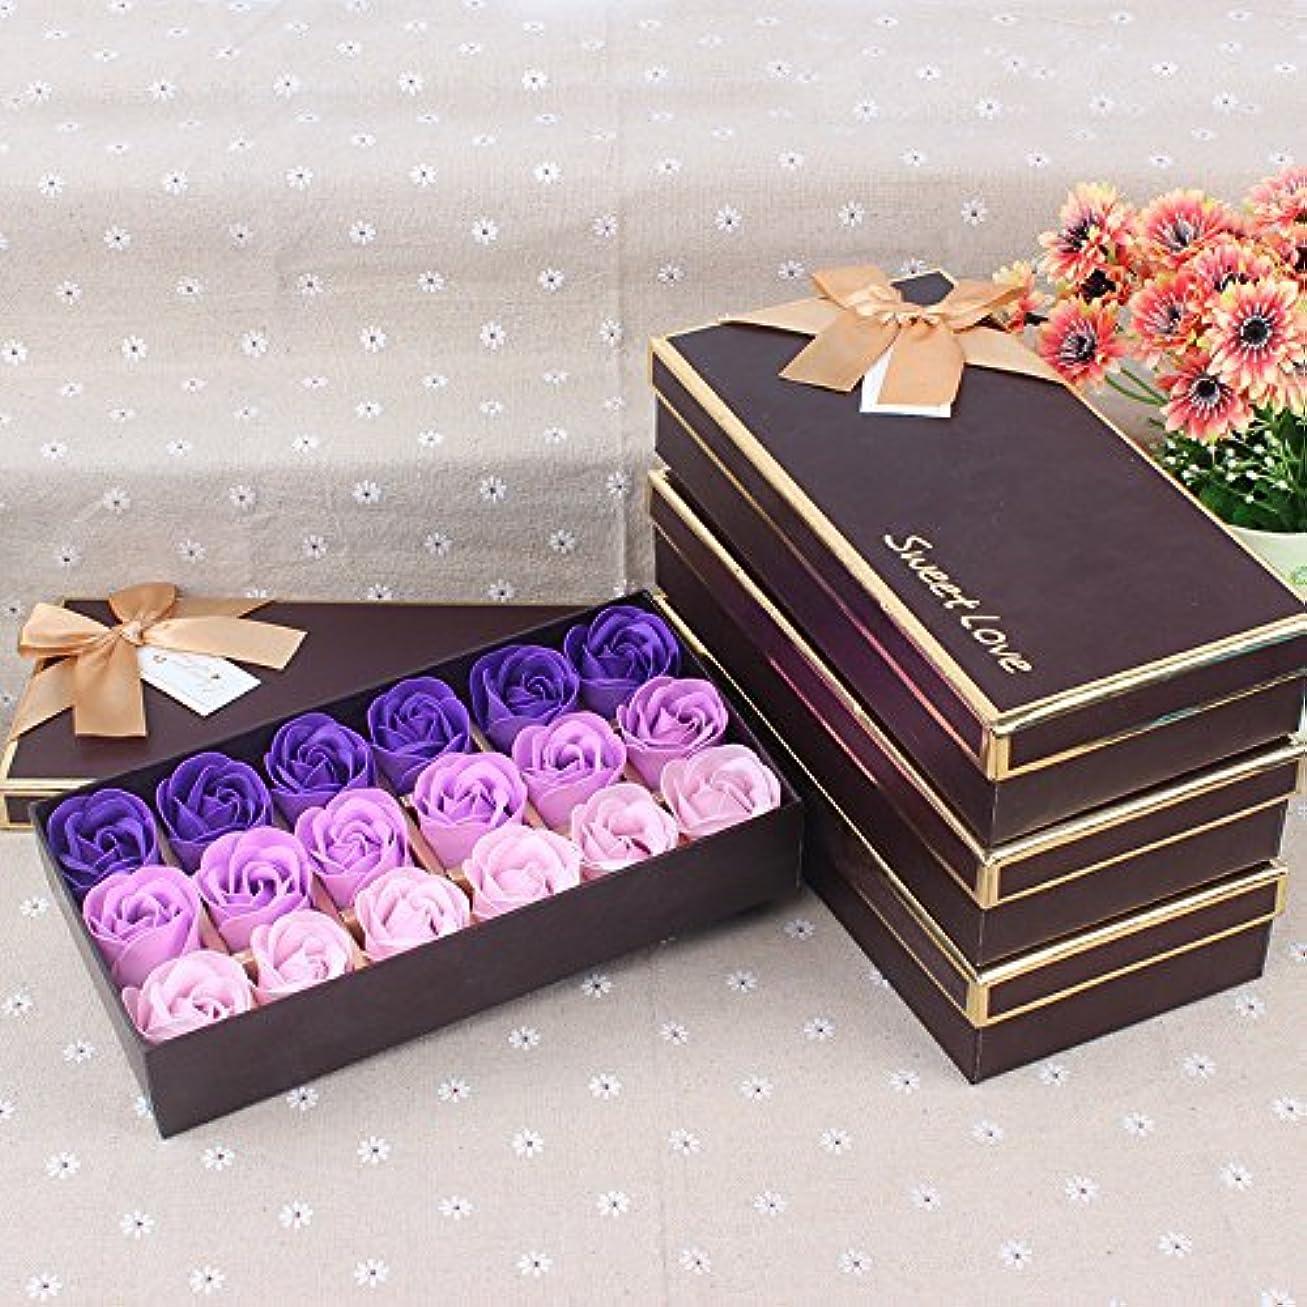 罹患率乗り出す持続するWeryn(TM)結婚式のためのギフトボックスバレンタインデーの愛の贈り物で18バラセット香りの入浴ソープローズソープ花びら[Purplegradient]